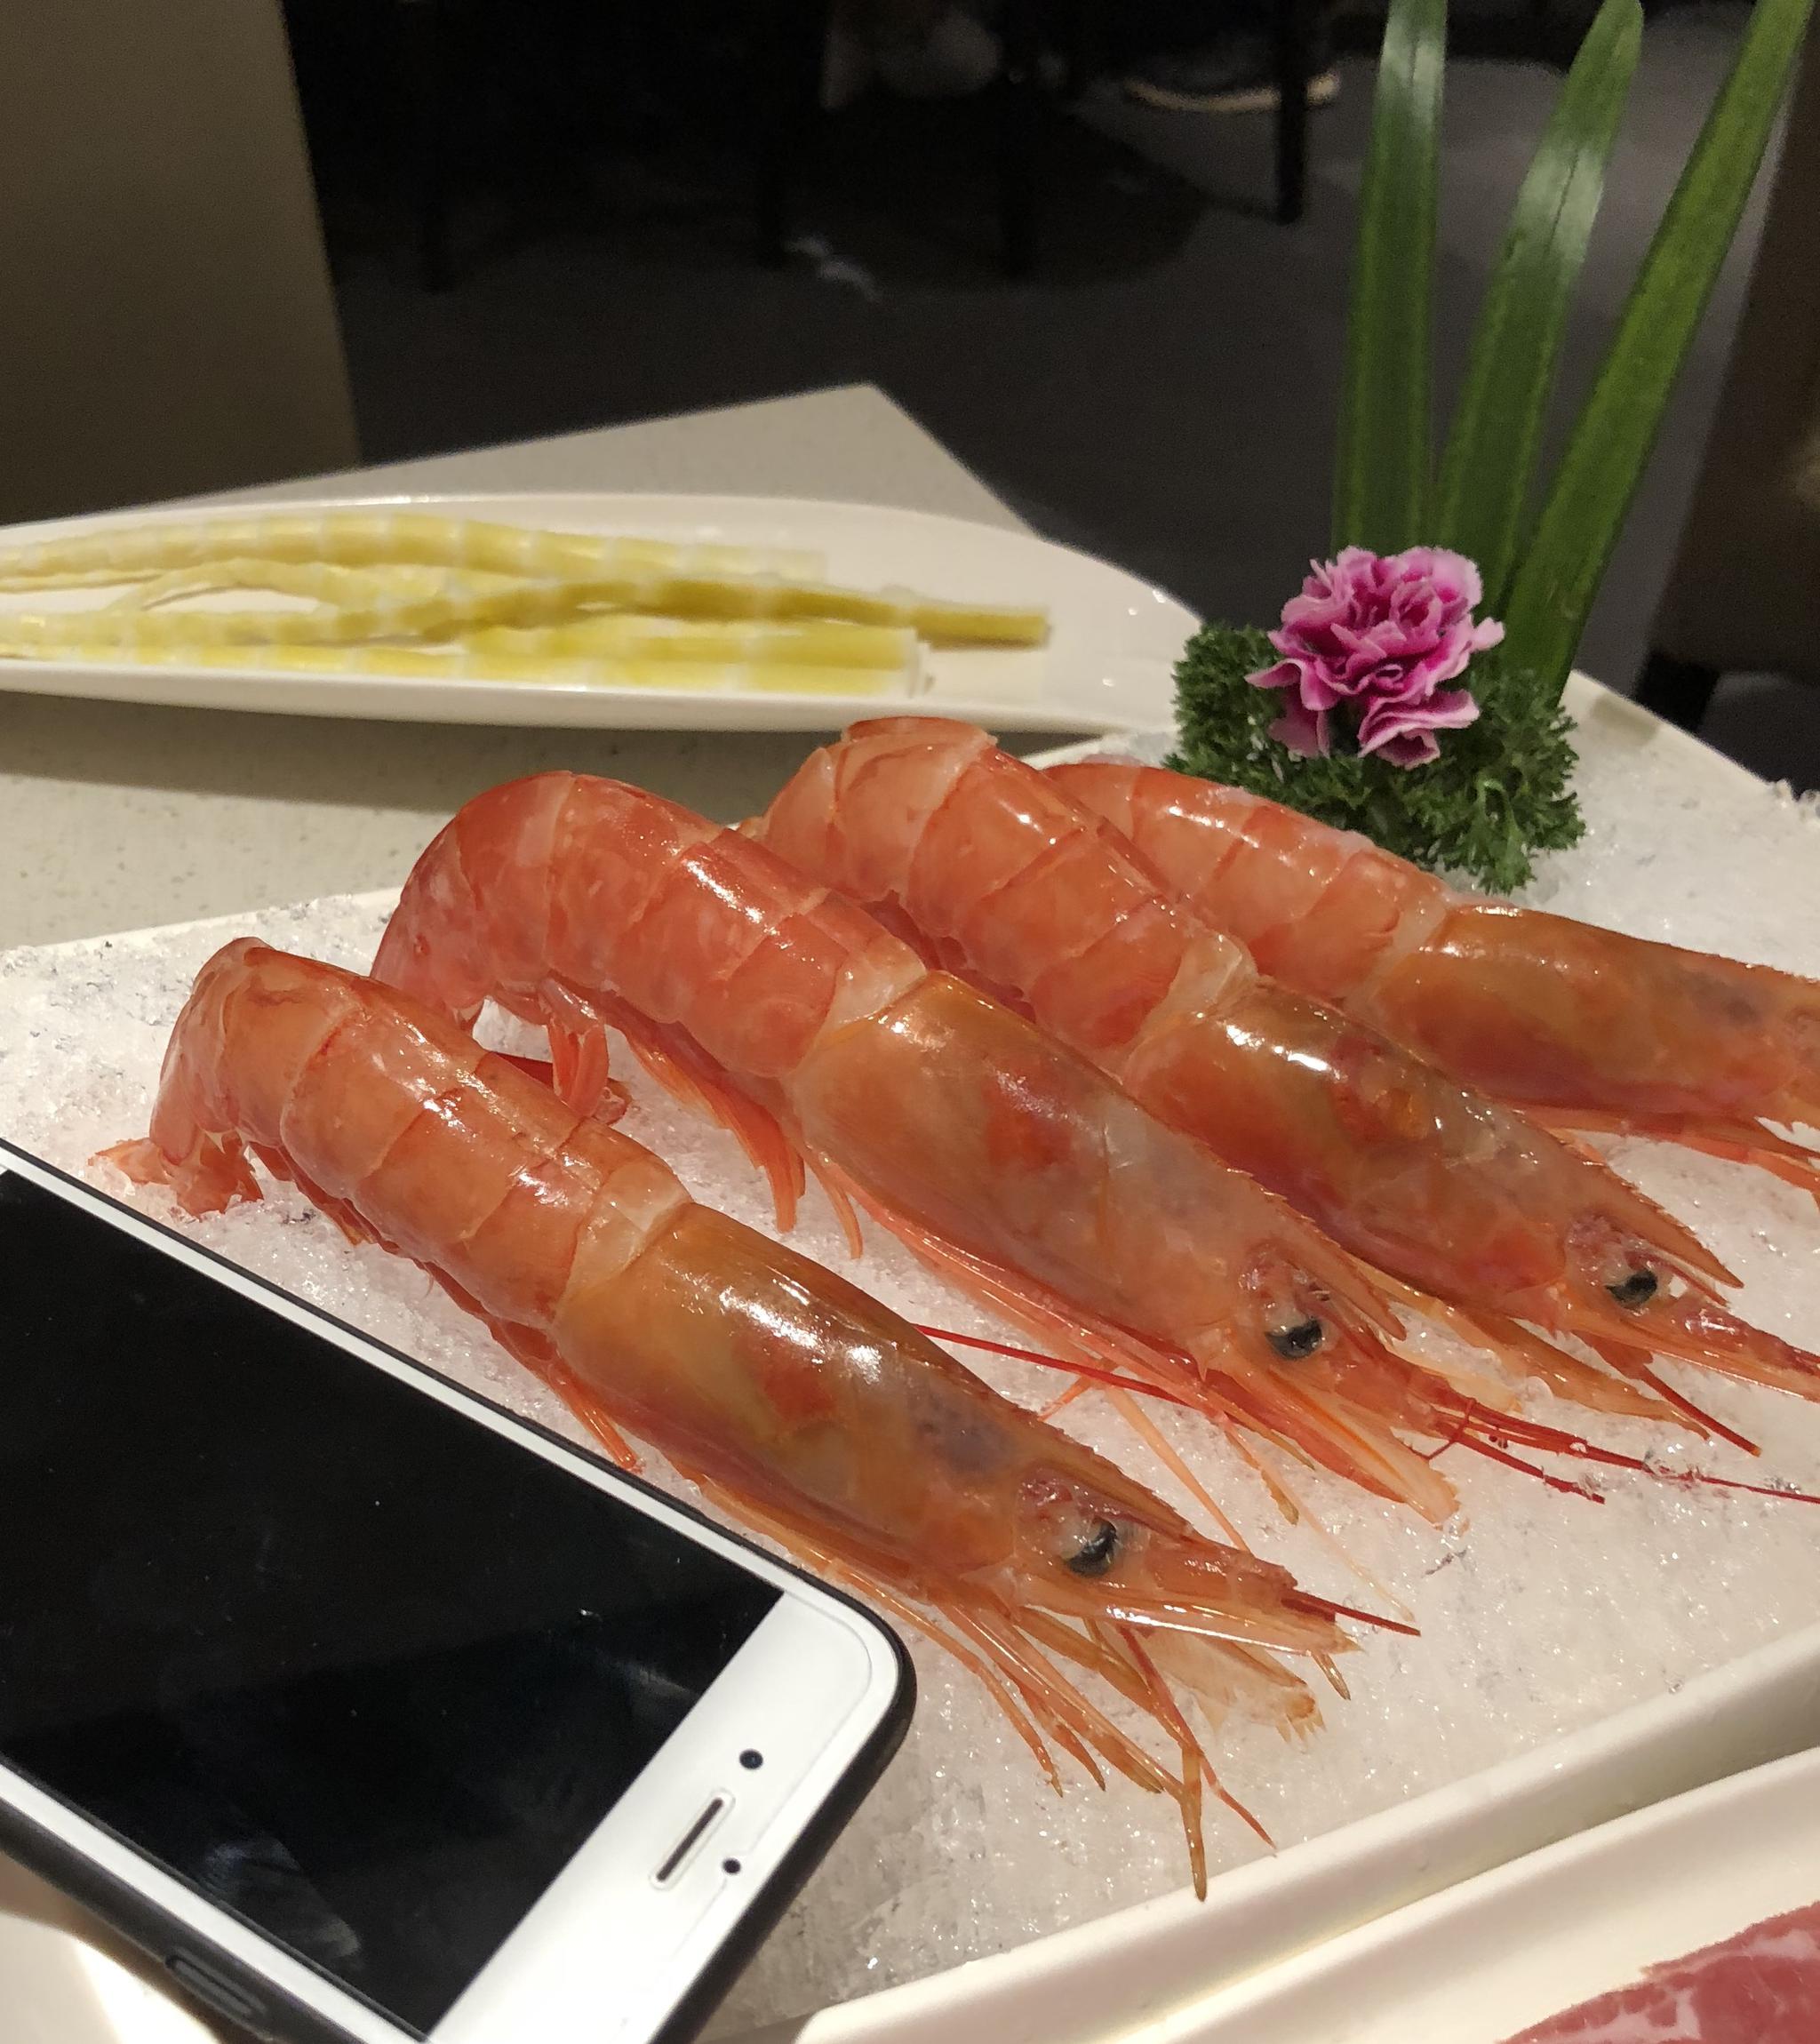 v吃法一下吃法捞网红海底,蟹蟹送的阿根廷红虾福特蒙迪欧致胜08款说明书图片